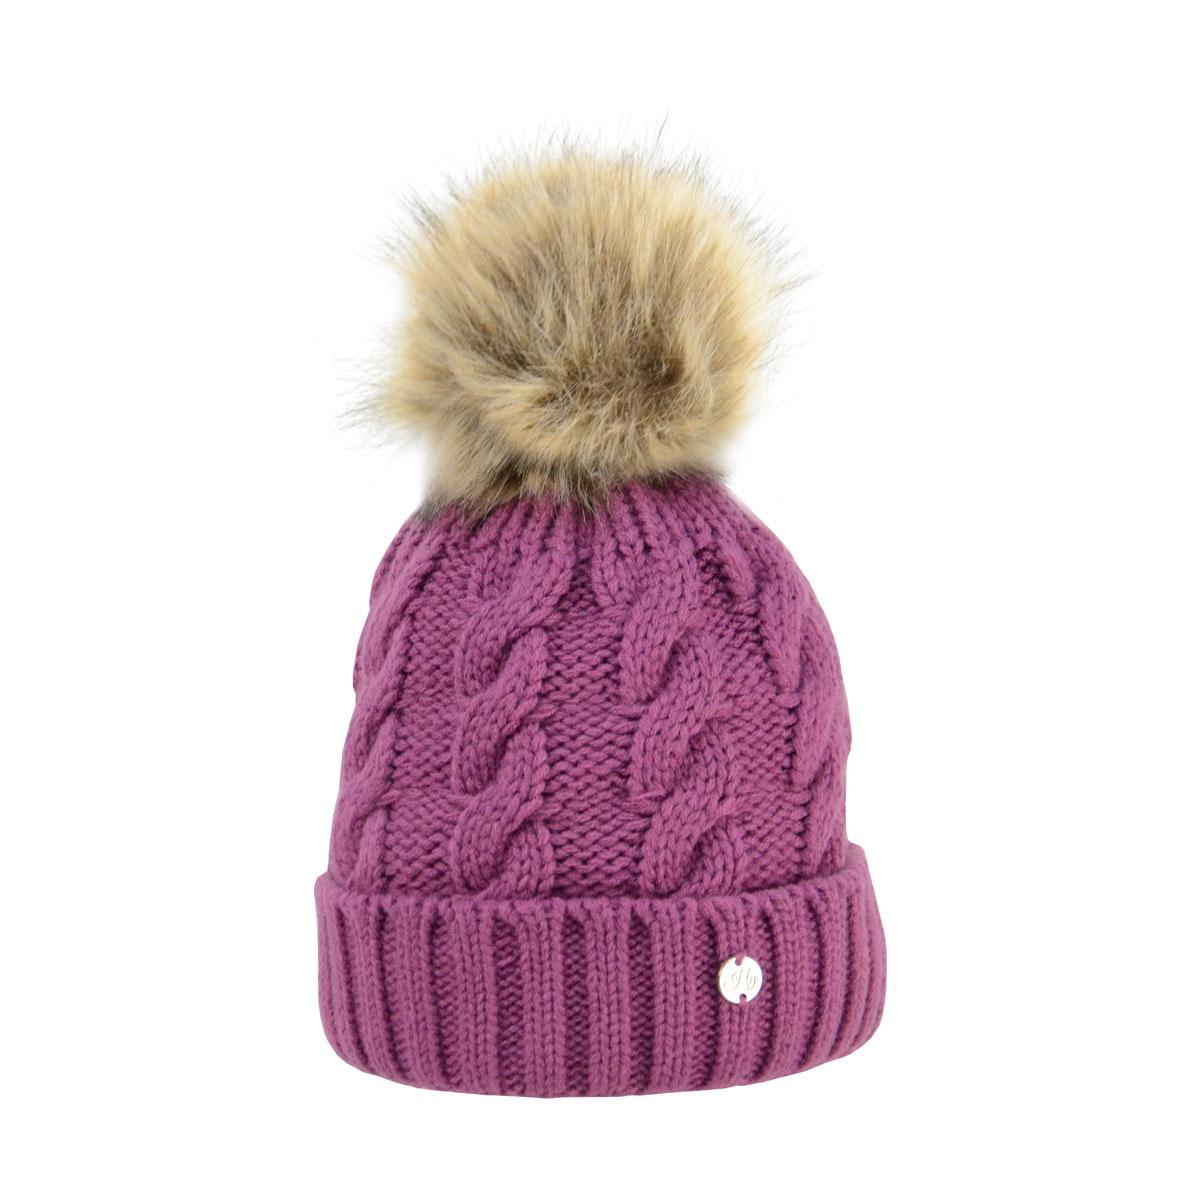 dd71c2755d7 cheapest pikeur fur bobble hat 1645e 8ccf8  coupon hy fashion melrose cable  knit bobble hat ladies 1d15c d10e5